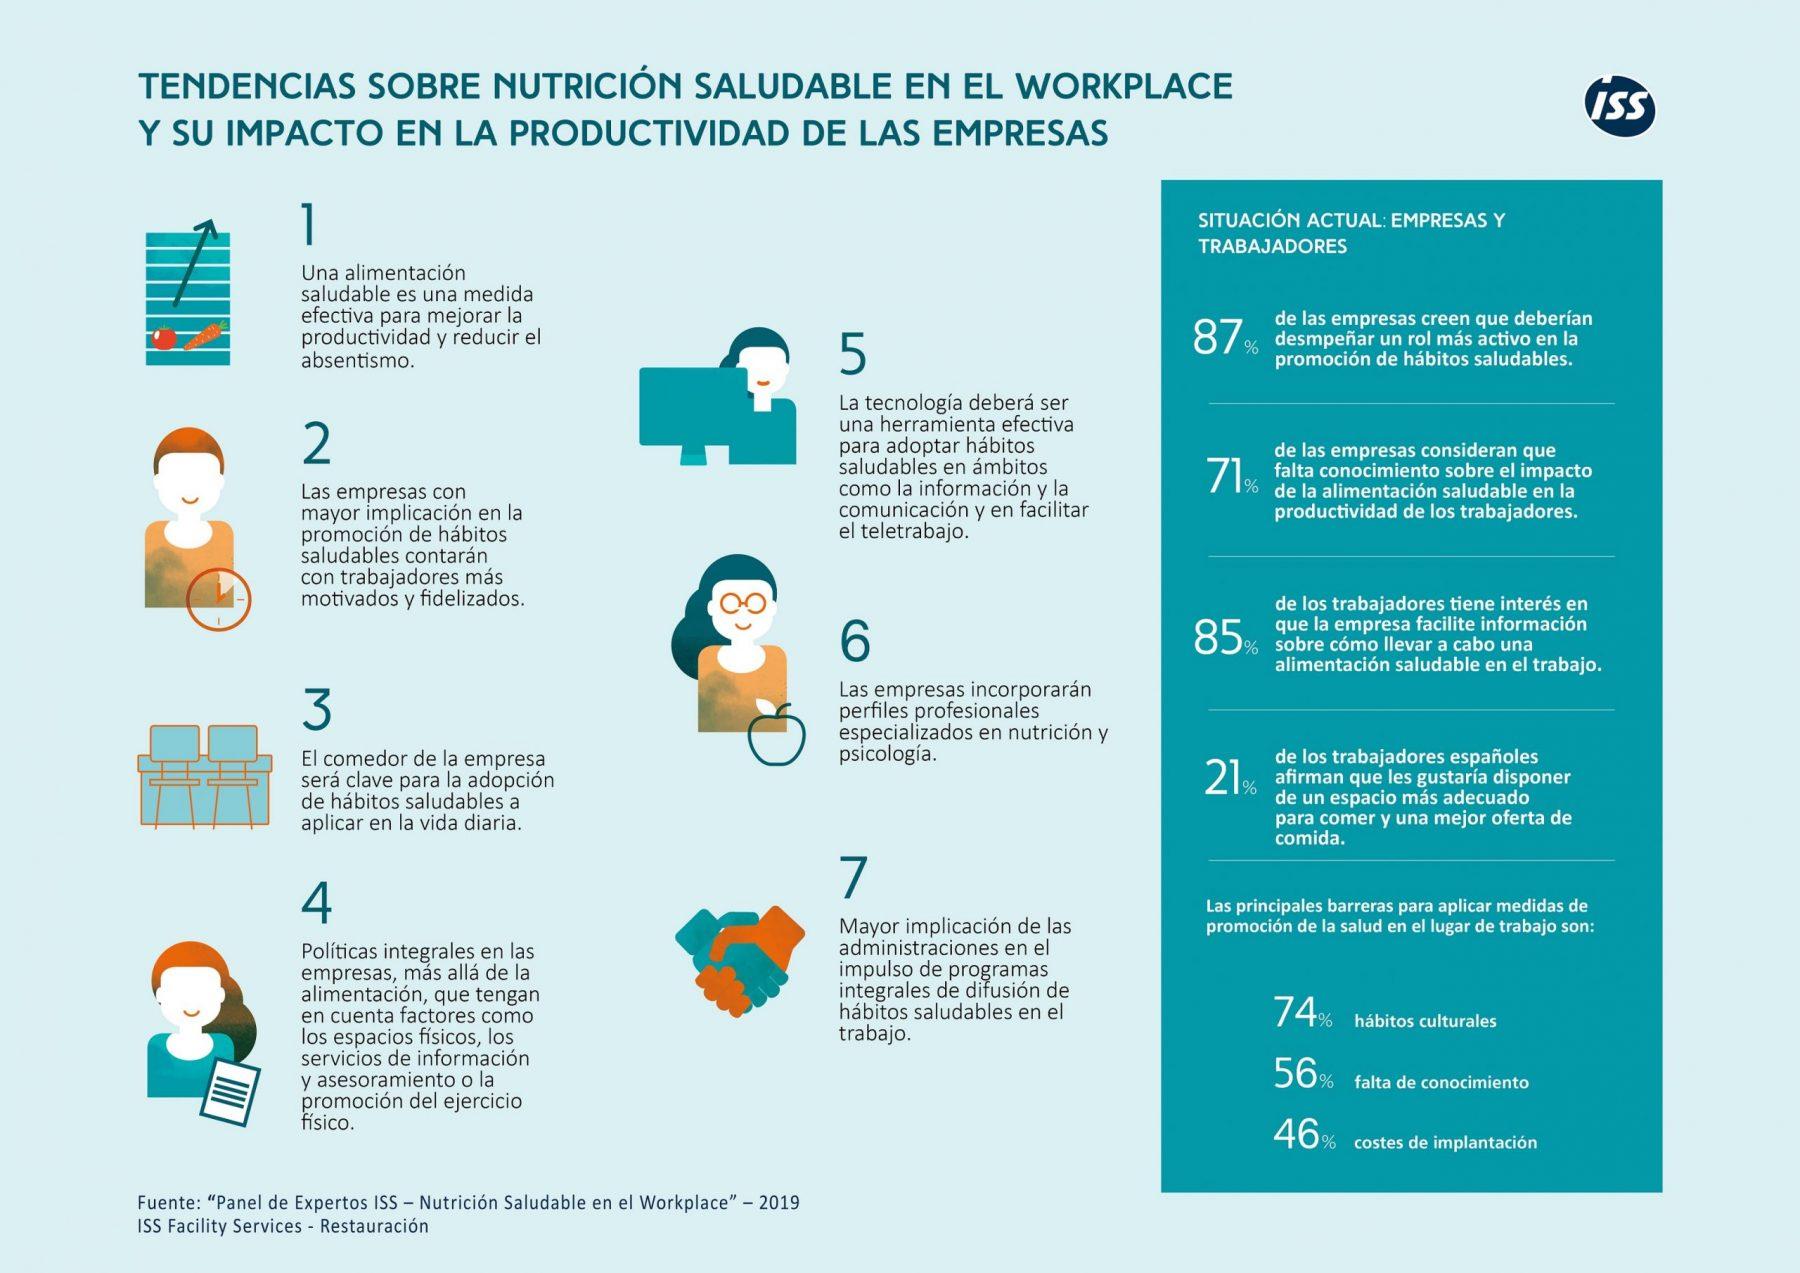 Tendencias sobre nutrición saludable en el lugar de trabajo y su impacto en la productividad de las empresas.